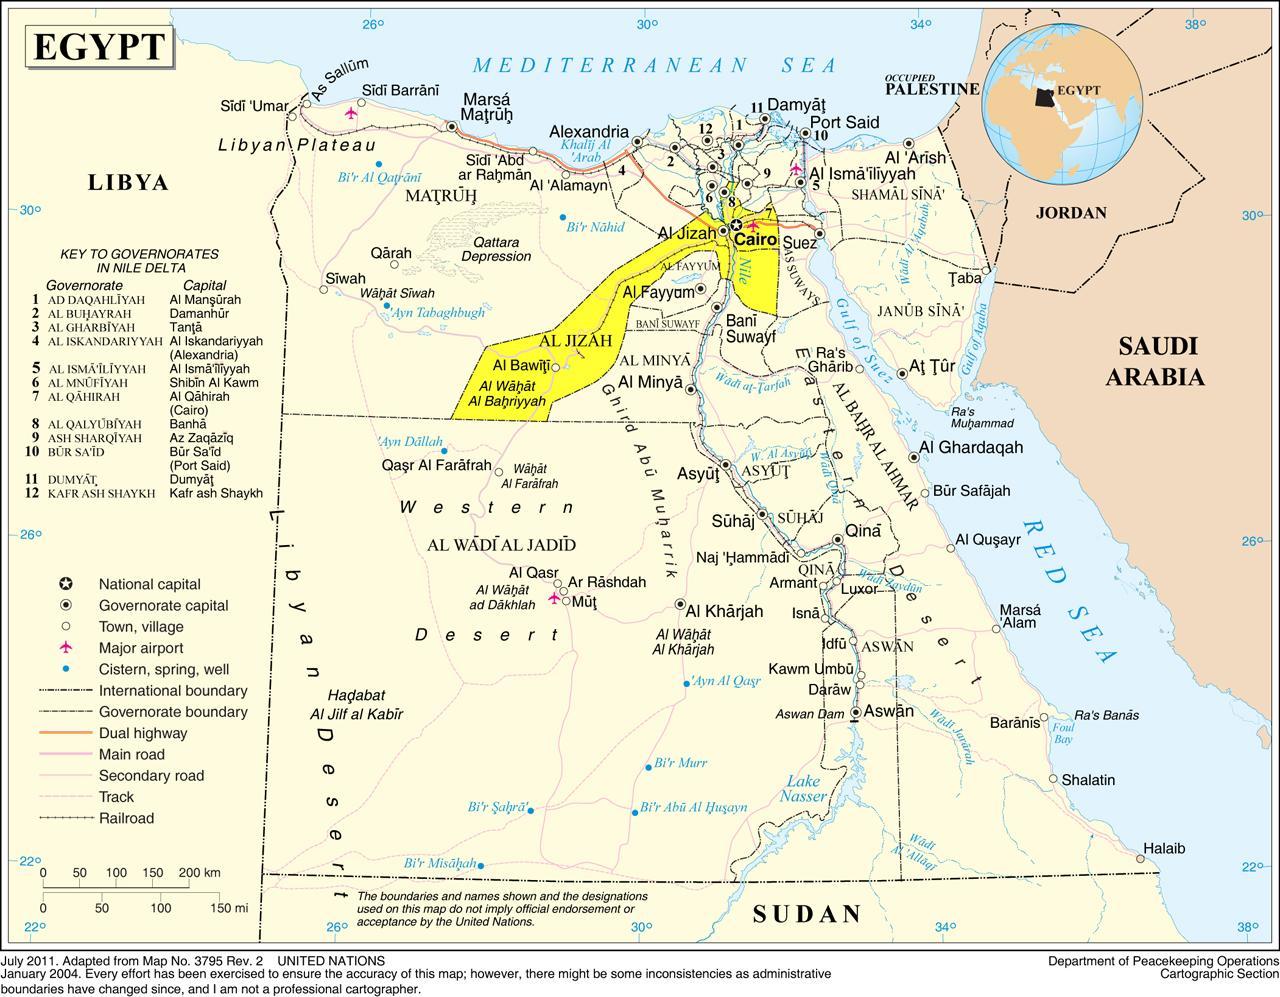 Cartina Egitto In Italiano.Grande Cairo Mappa Mappa Del Grande Cairo Egitto